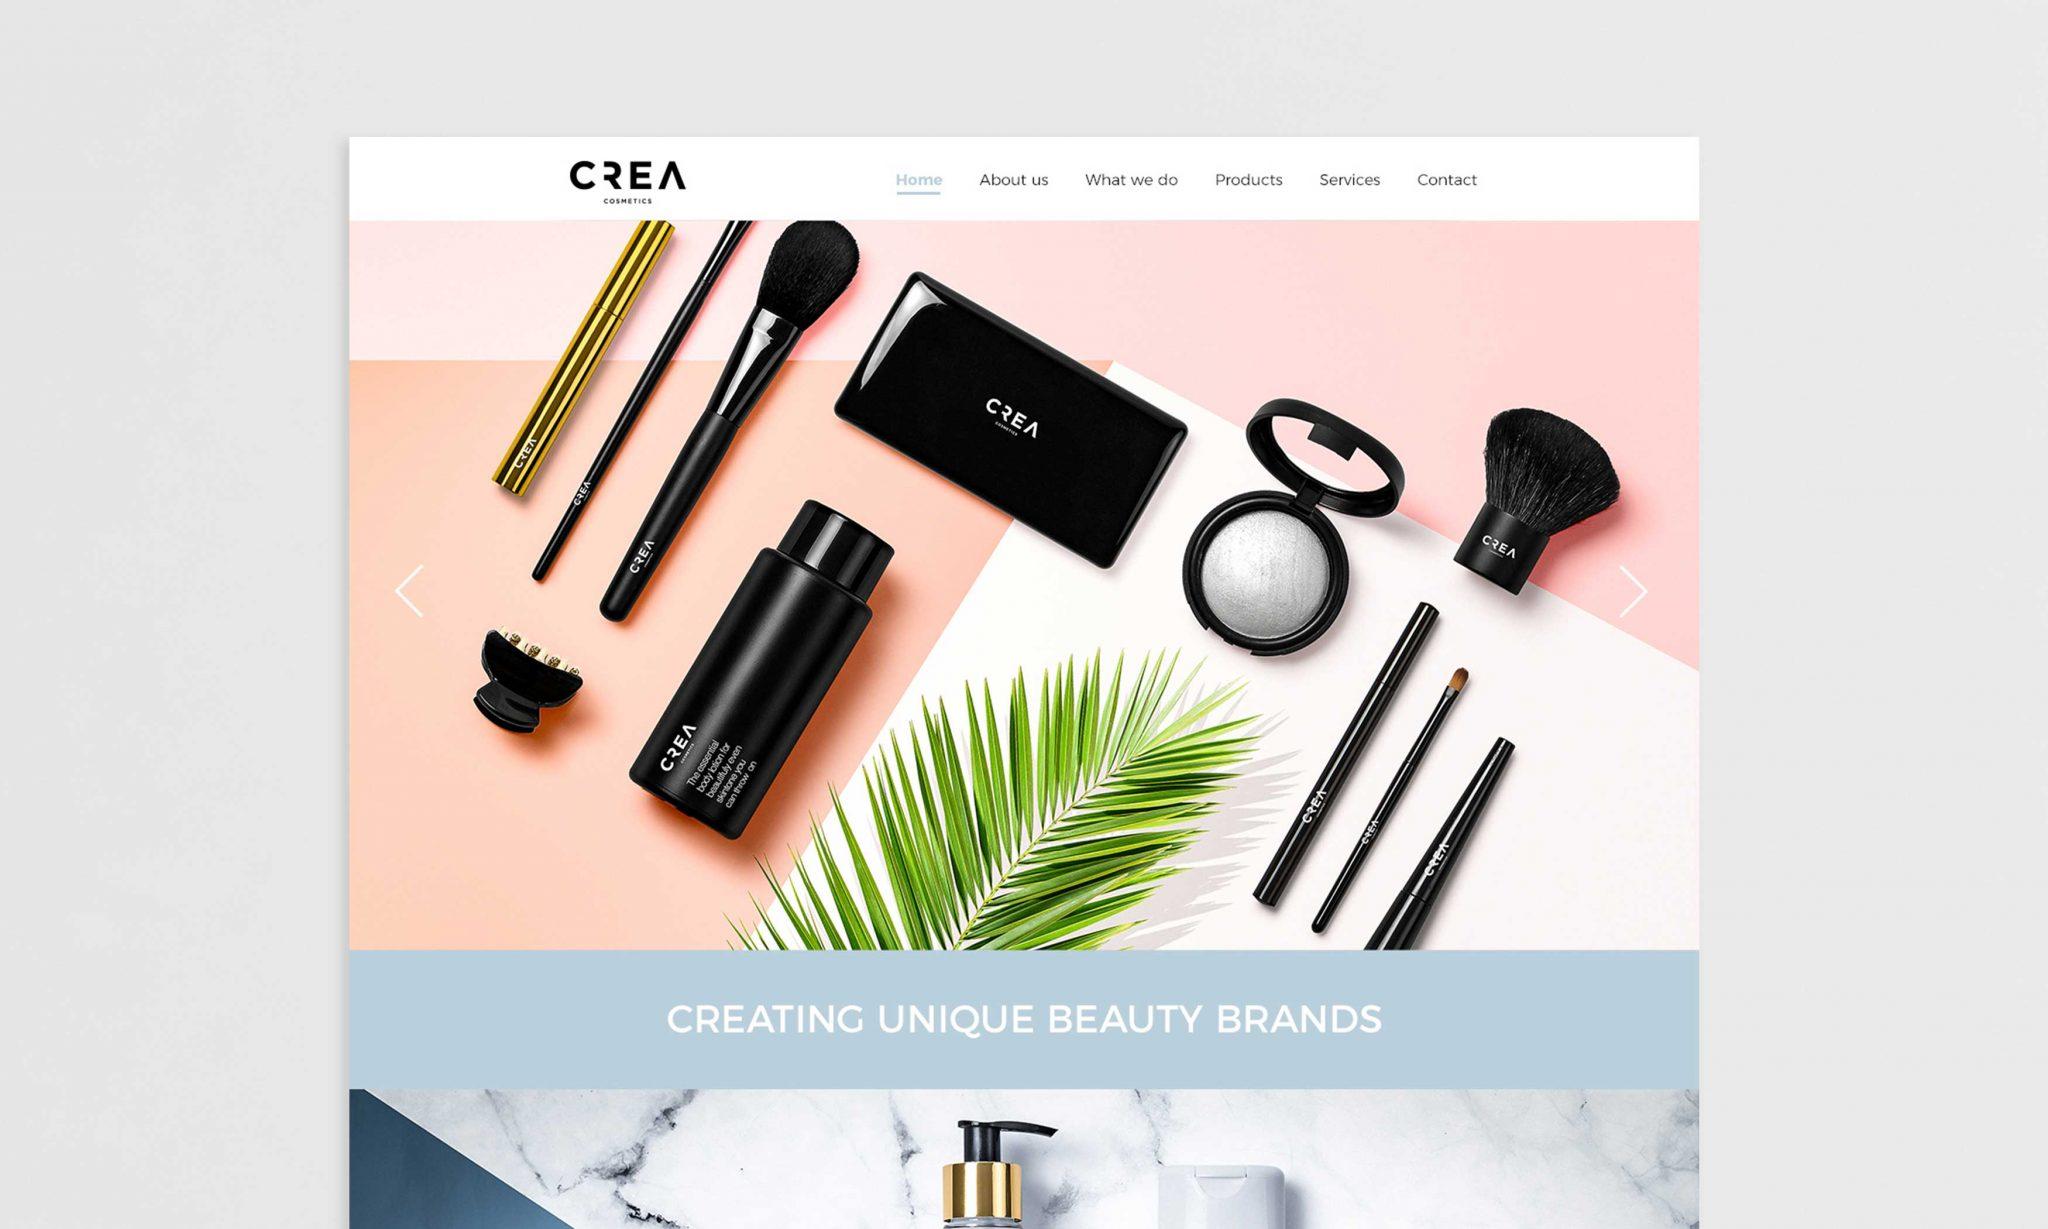 Crea-Website-1